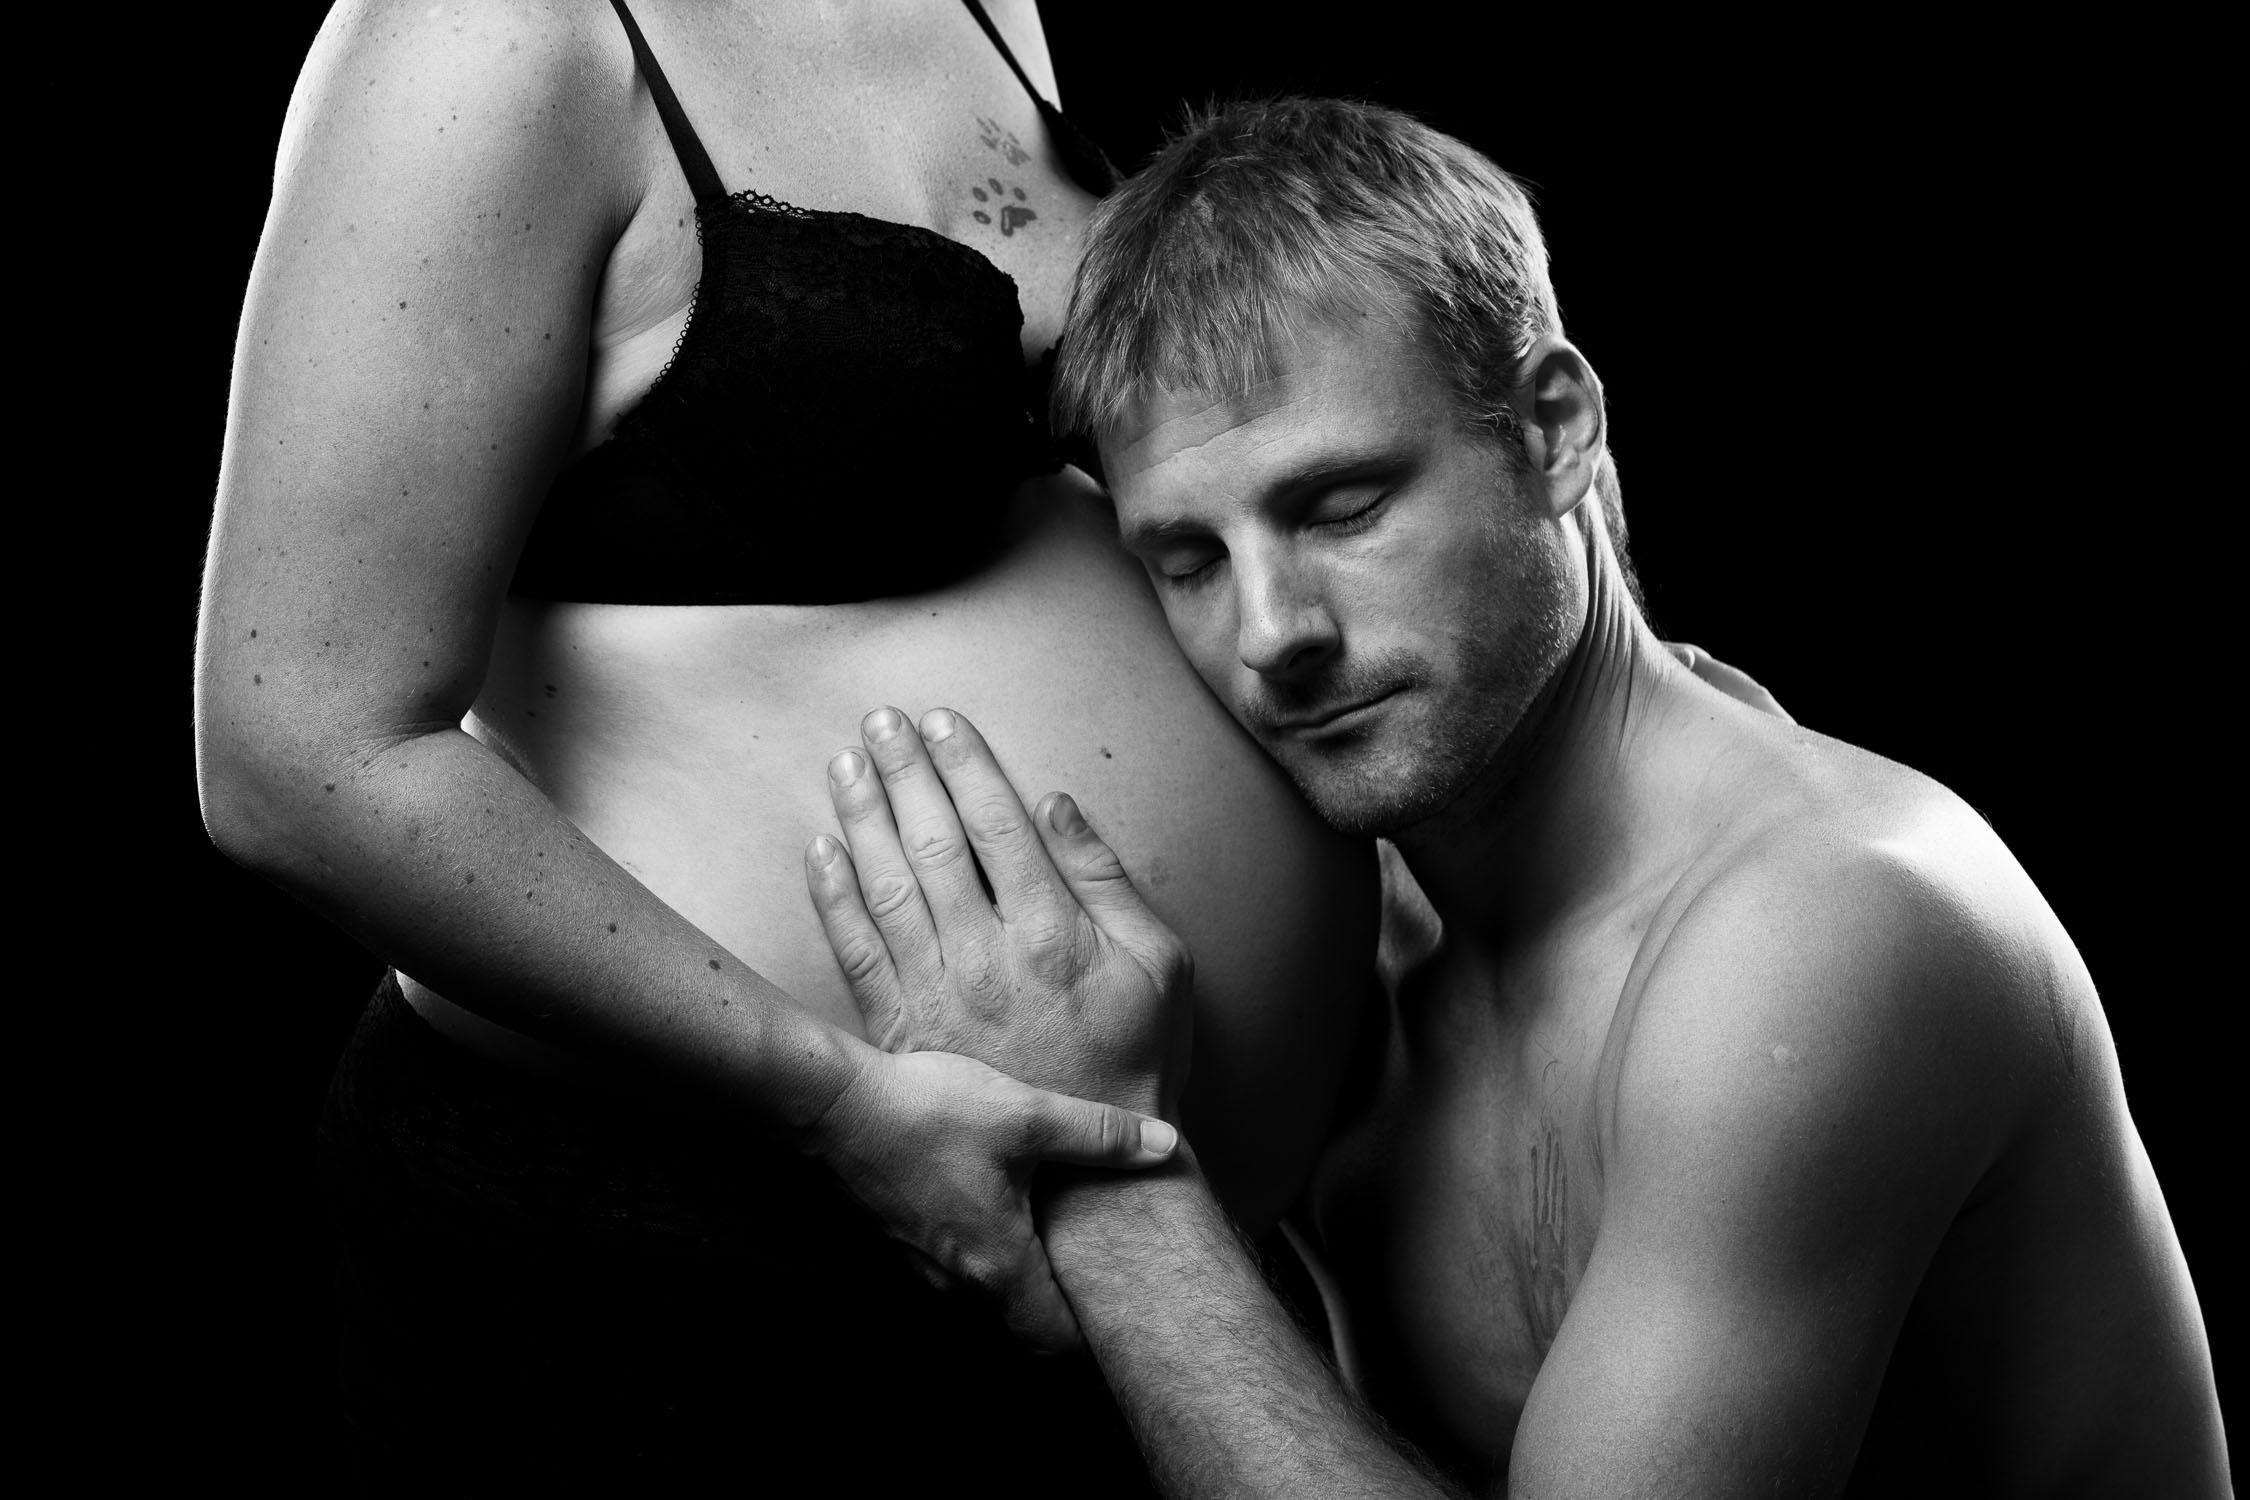 gravid-fotograf-gravidfotograf-gravidfotografering-fotografering-hodnedesign-pål-hodne--3.jpg